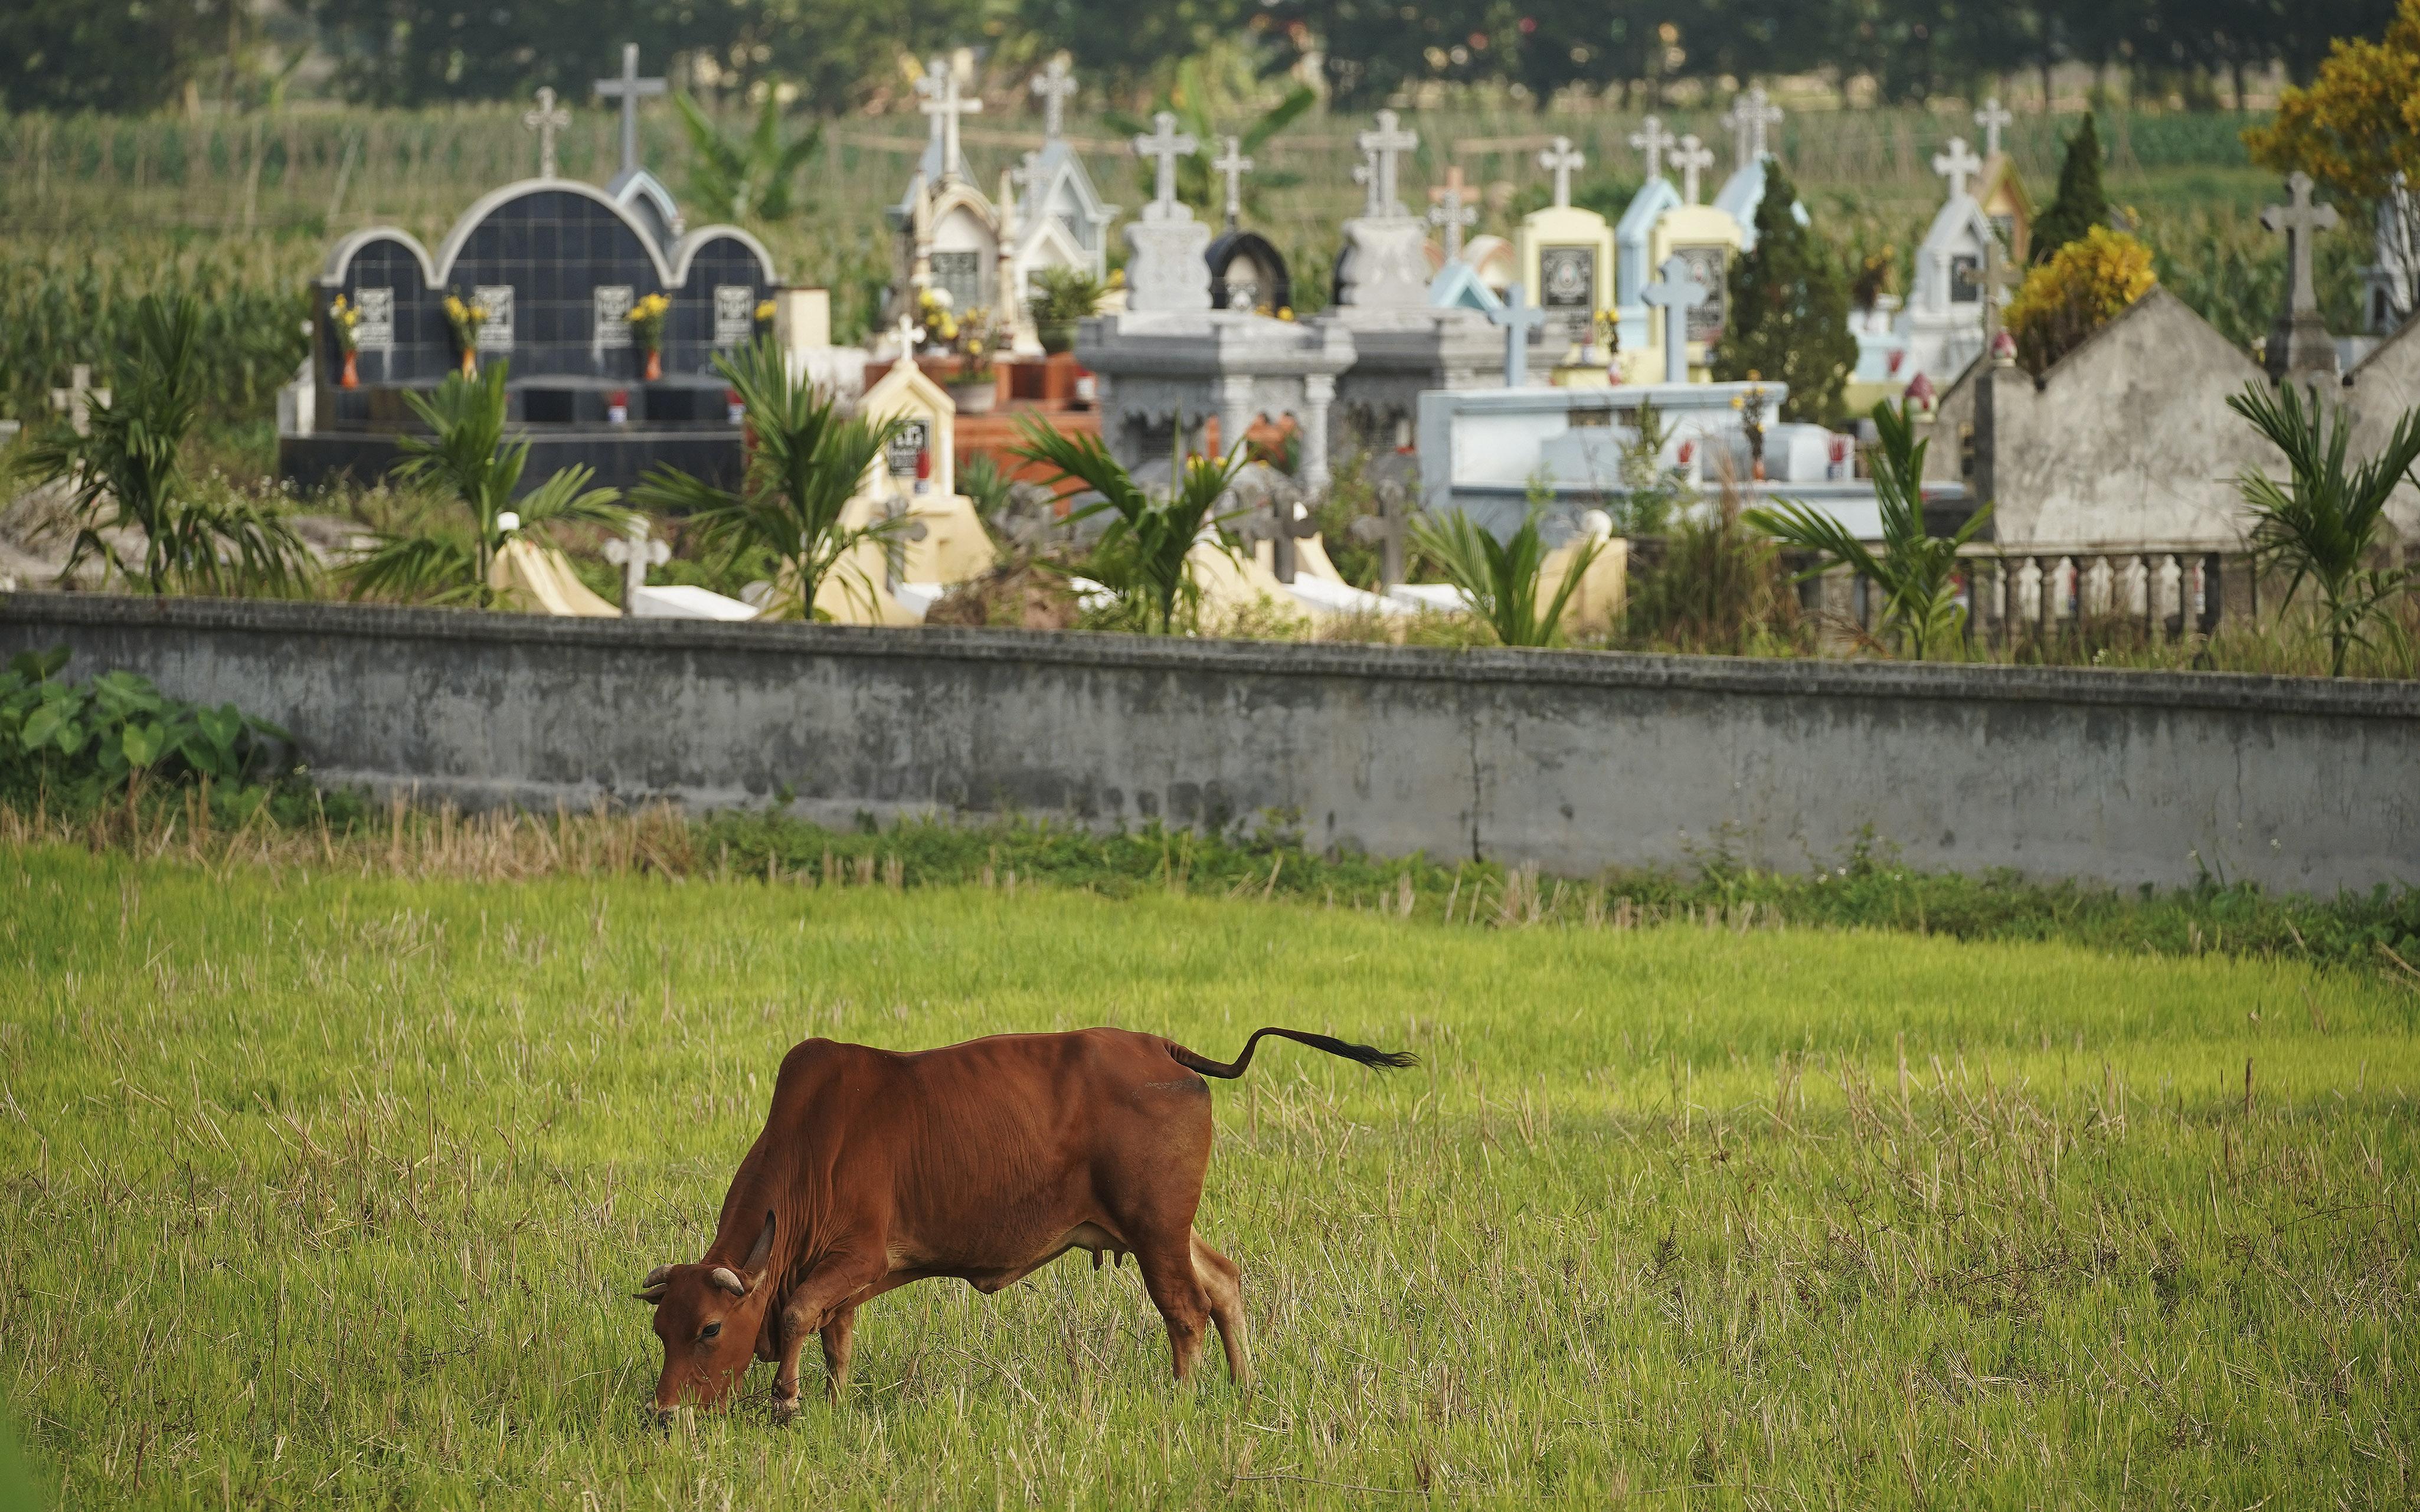 A cow grazes near a cemetery in Hanoi, Vietnam on Saturday, Nov. 16, 2019.